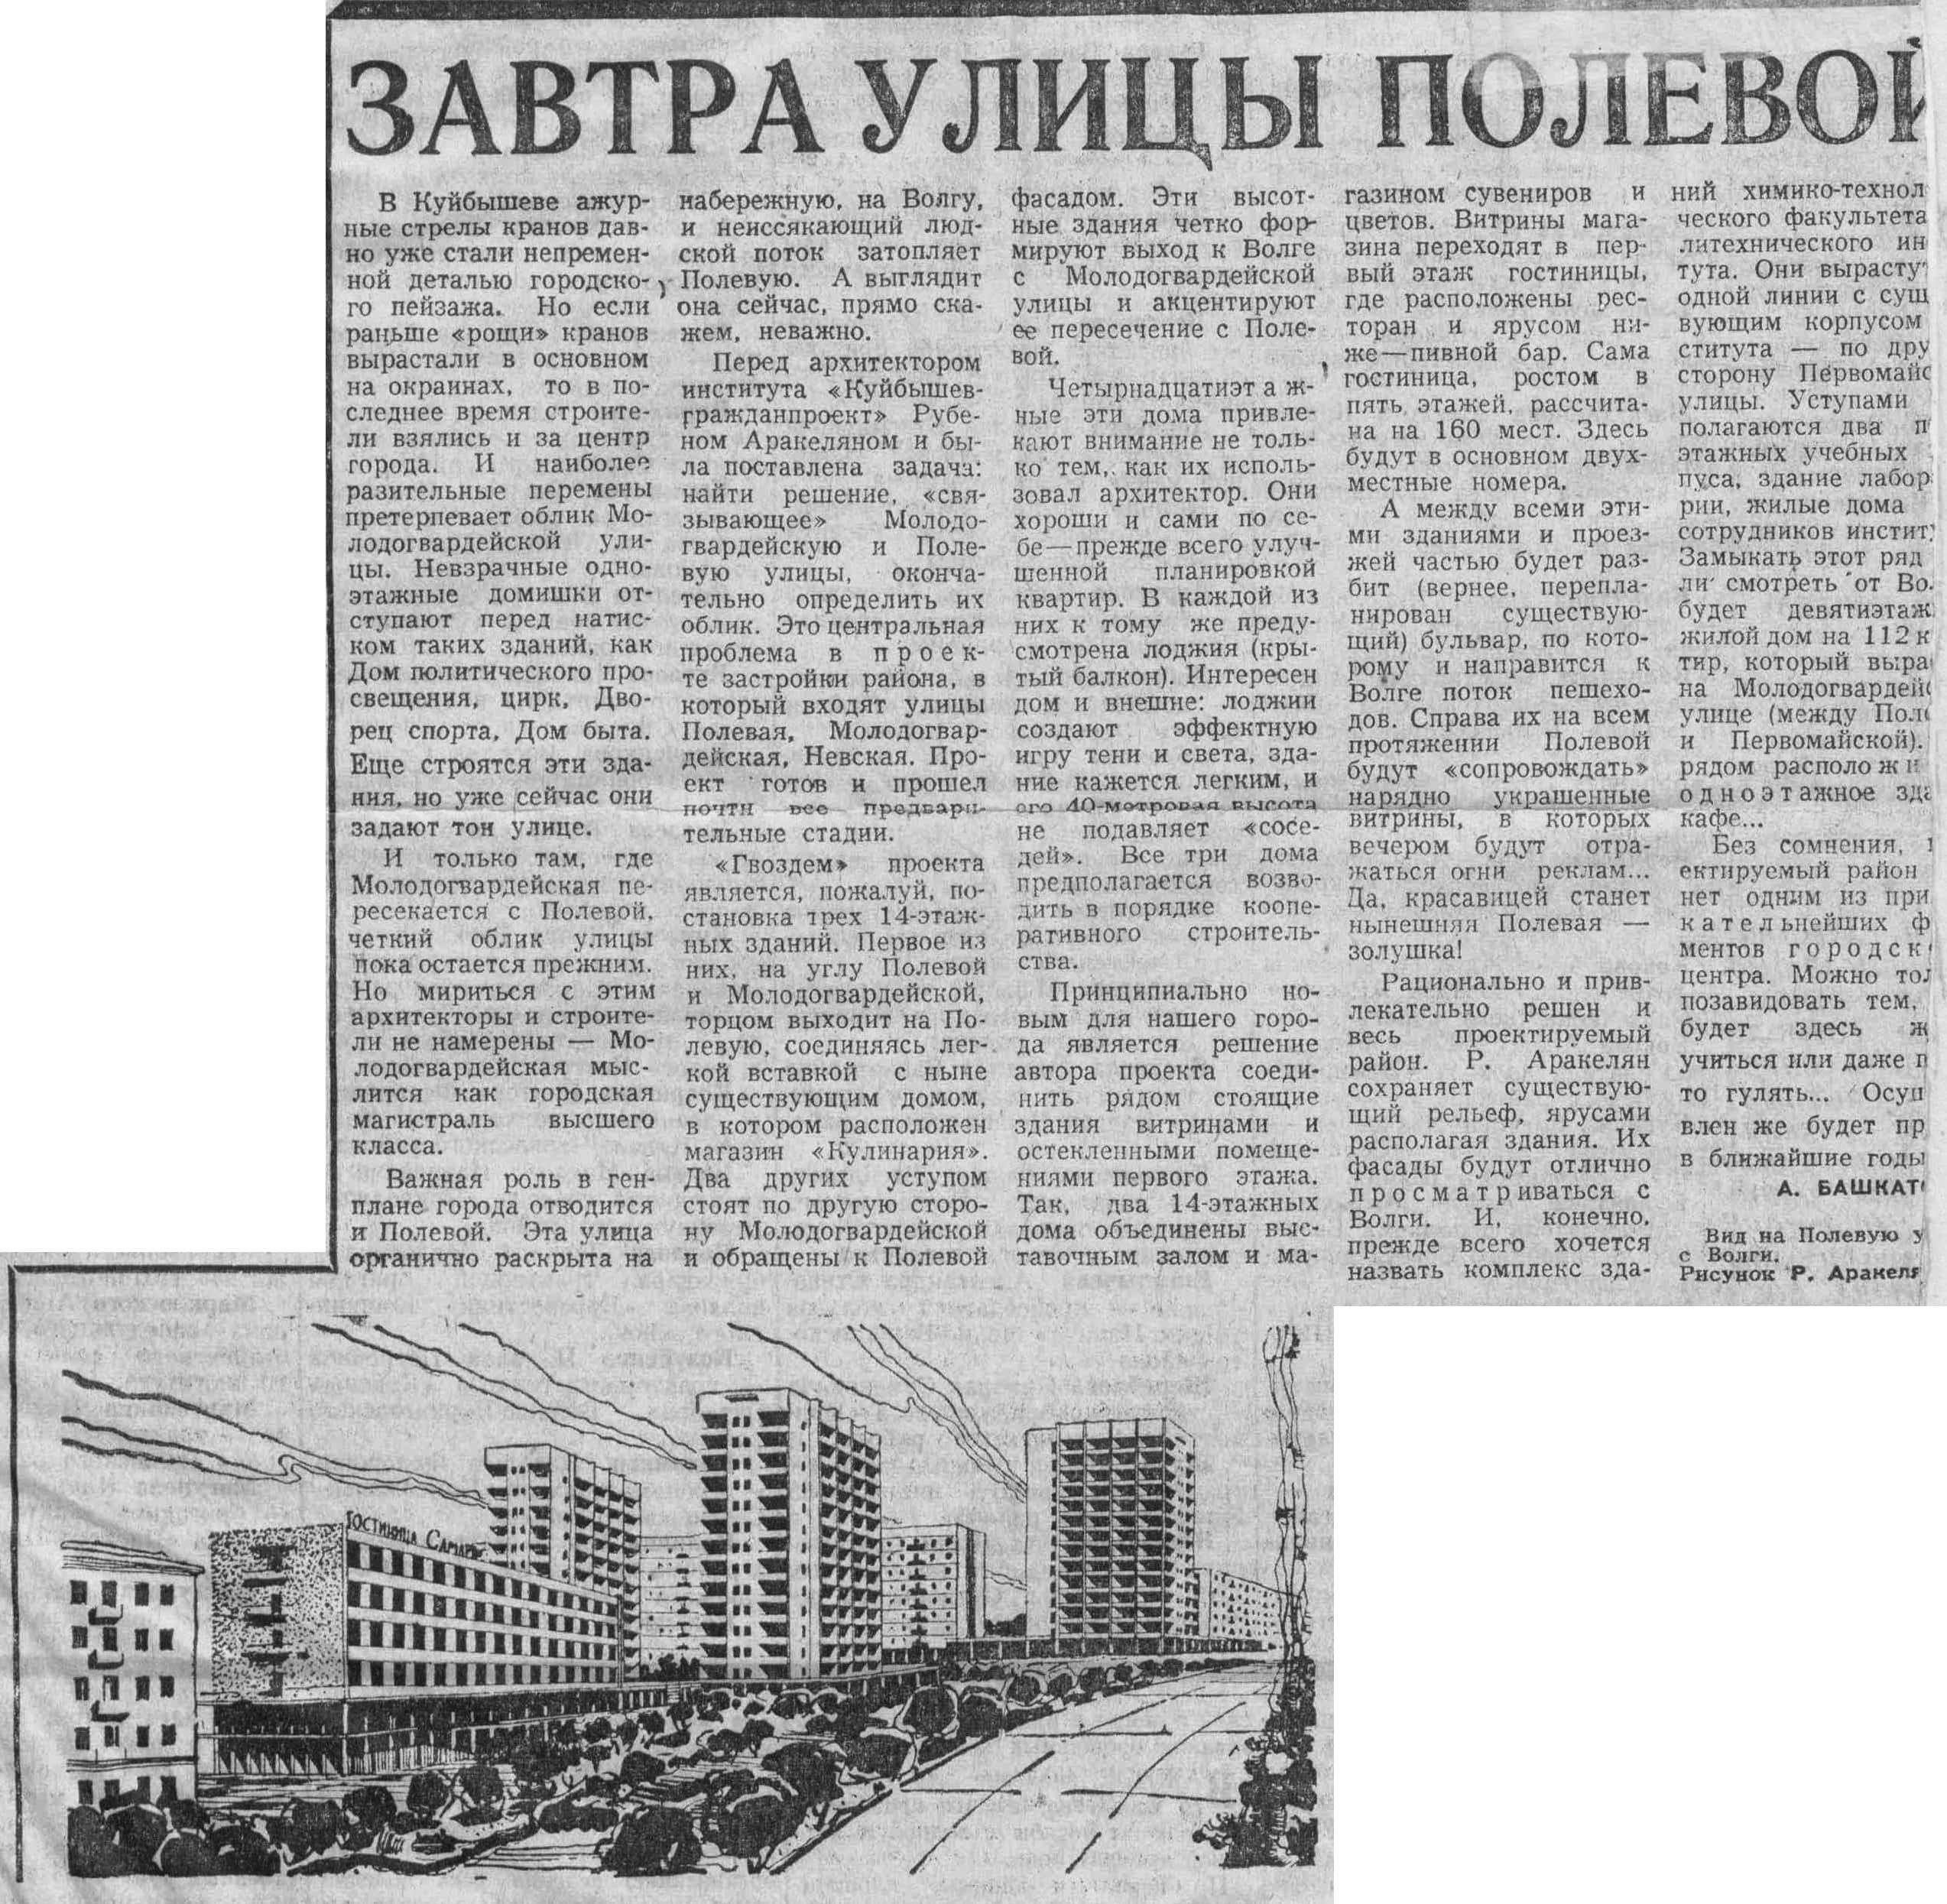 Полевая-ФОТО-44-ВКа-1966-06-30-про ул. Полевую